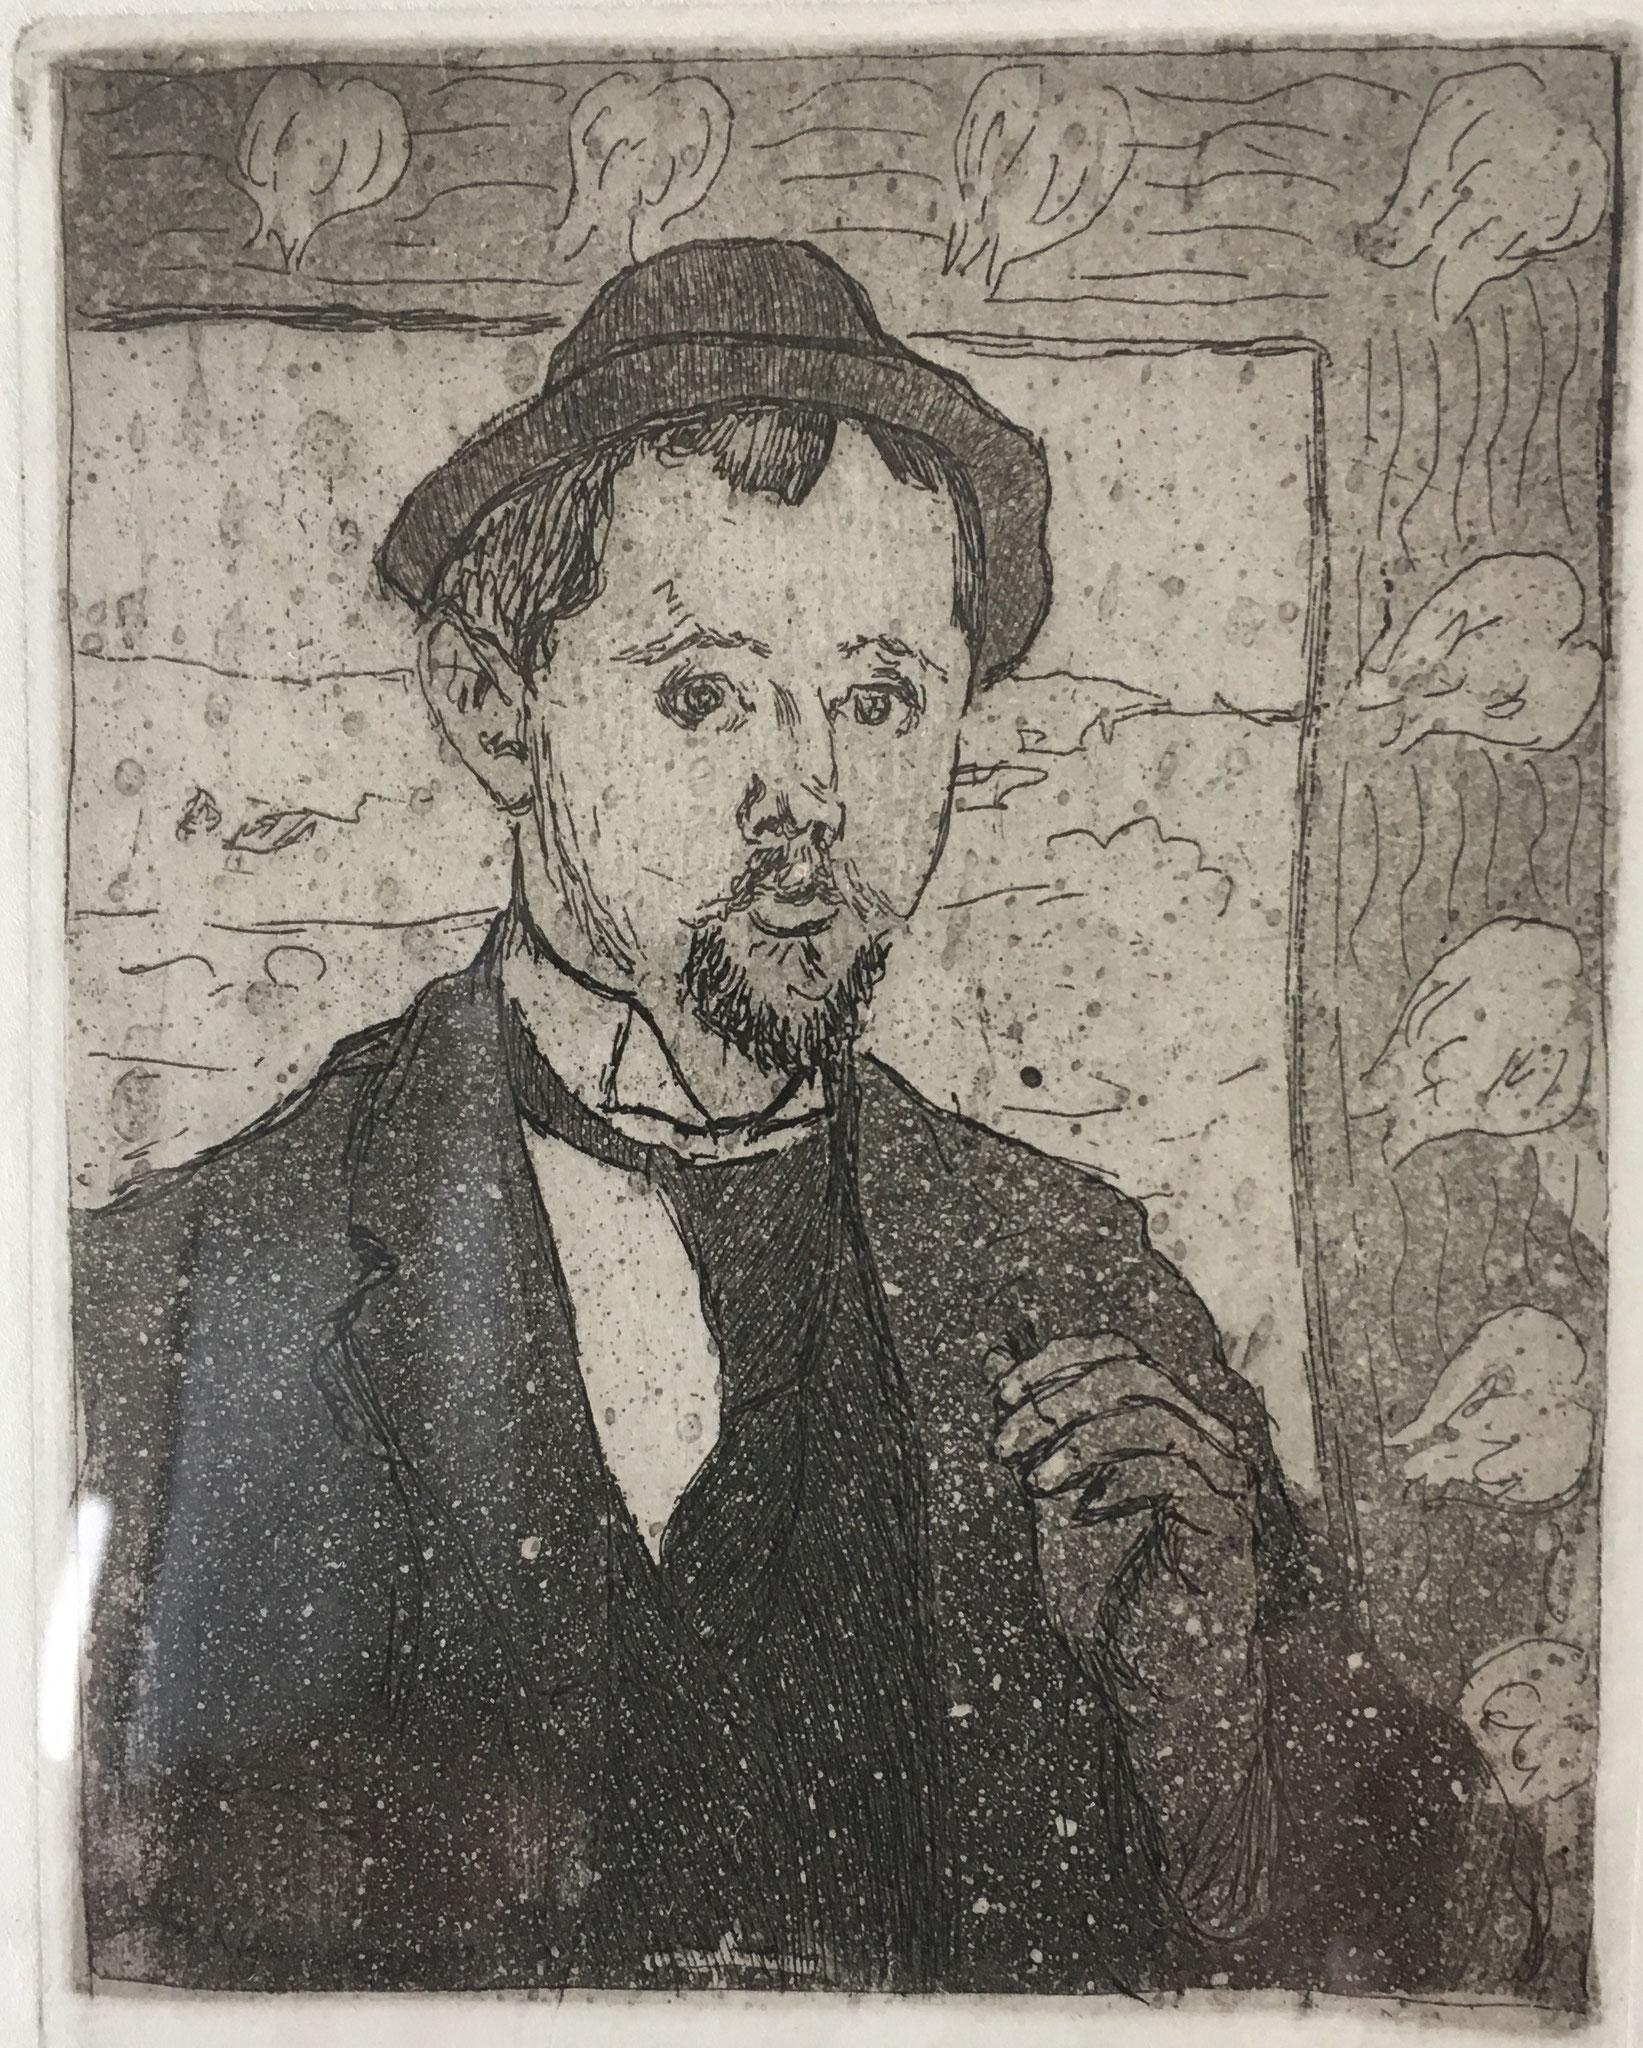 Cuno Amiet, Bildnis Oscar Kurt, Radierung, um 1896